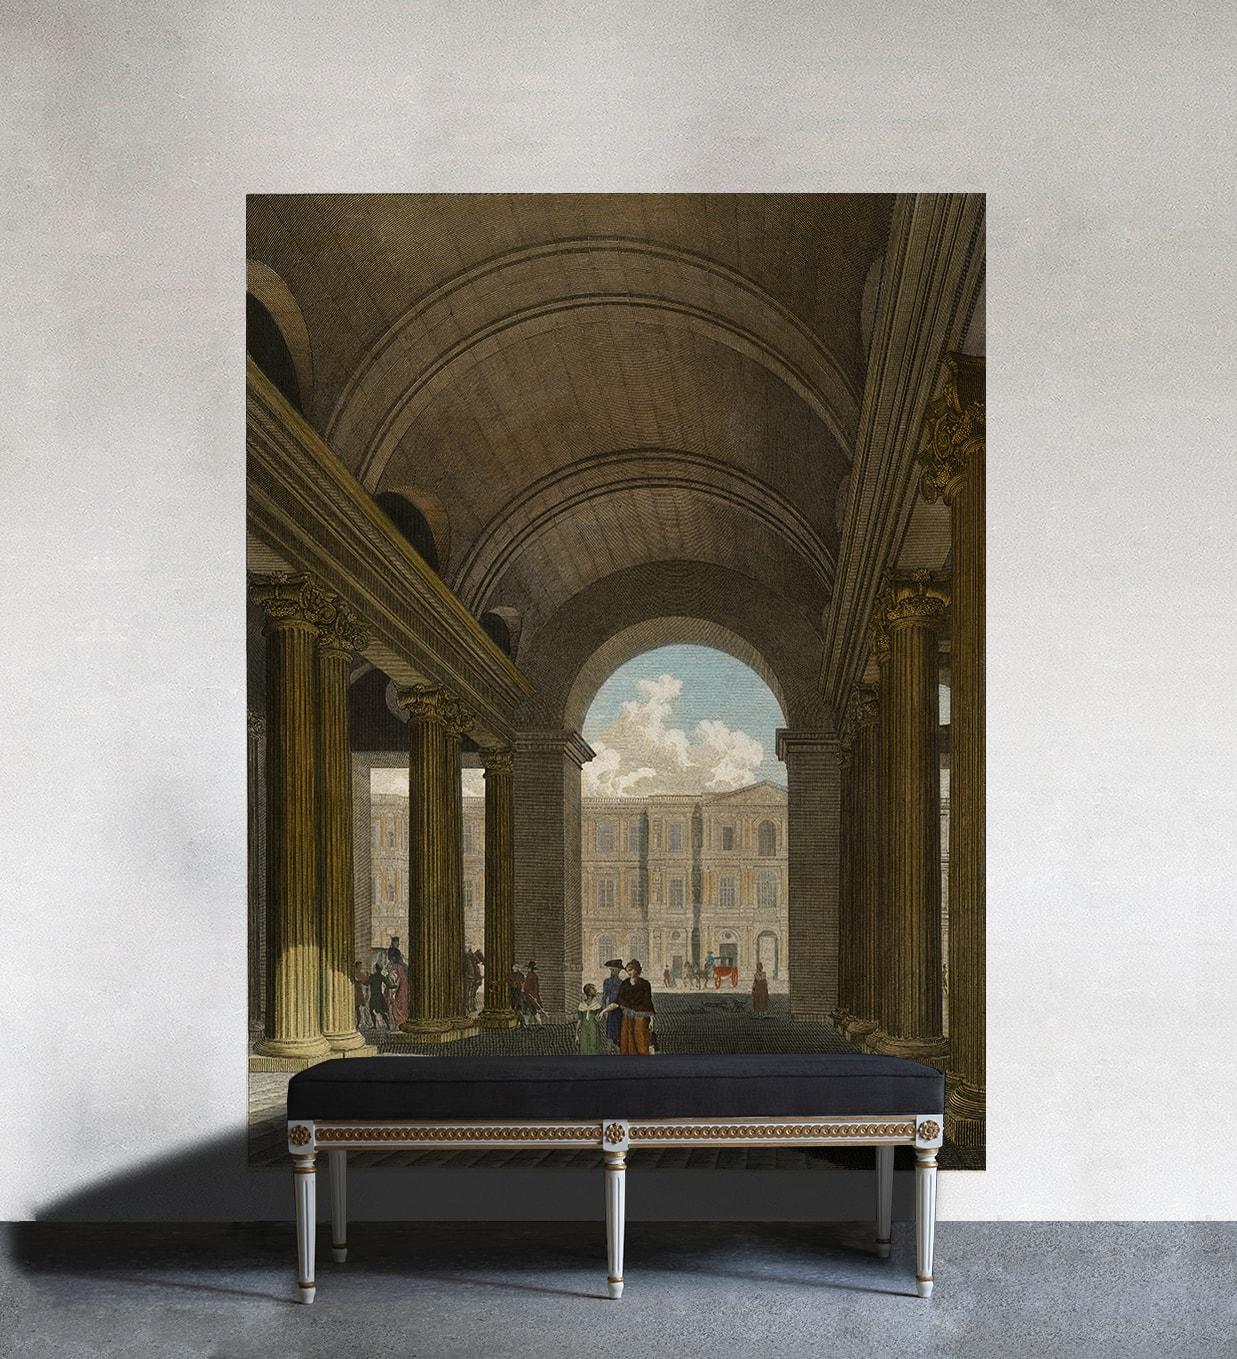 LOUVRE-B-Panoramic-Elusio-Antique-Design-product.jpg